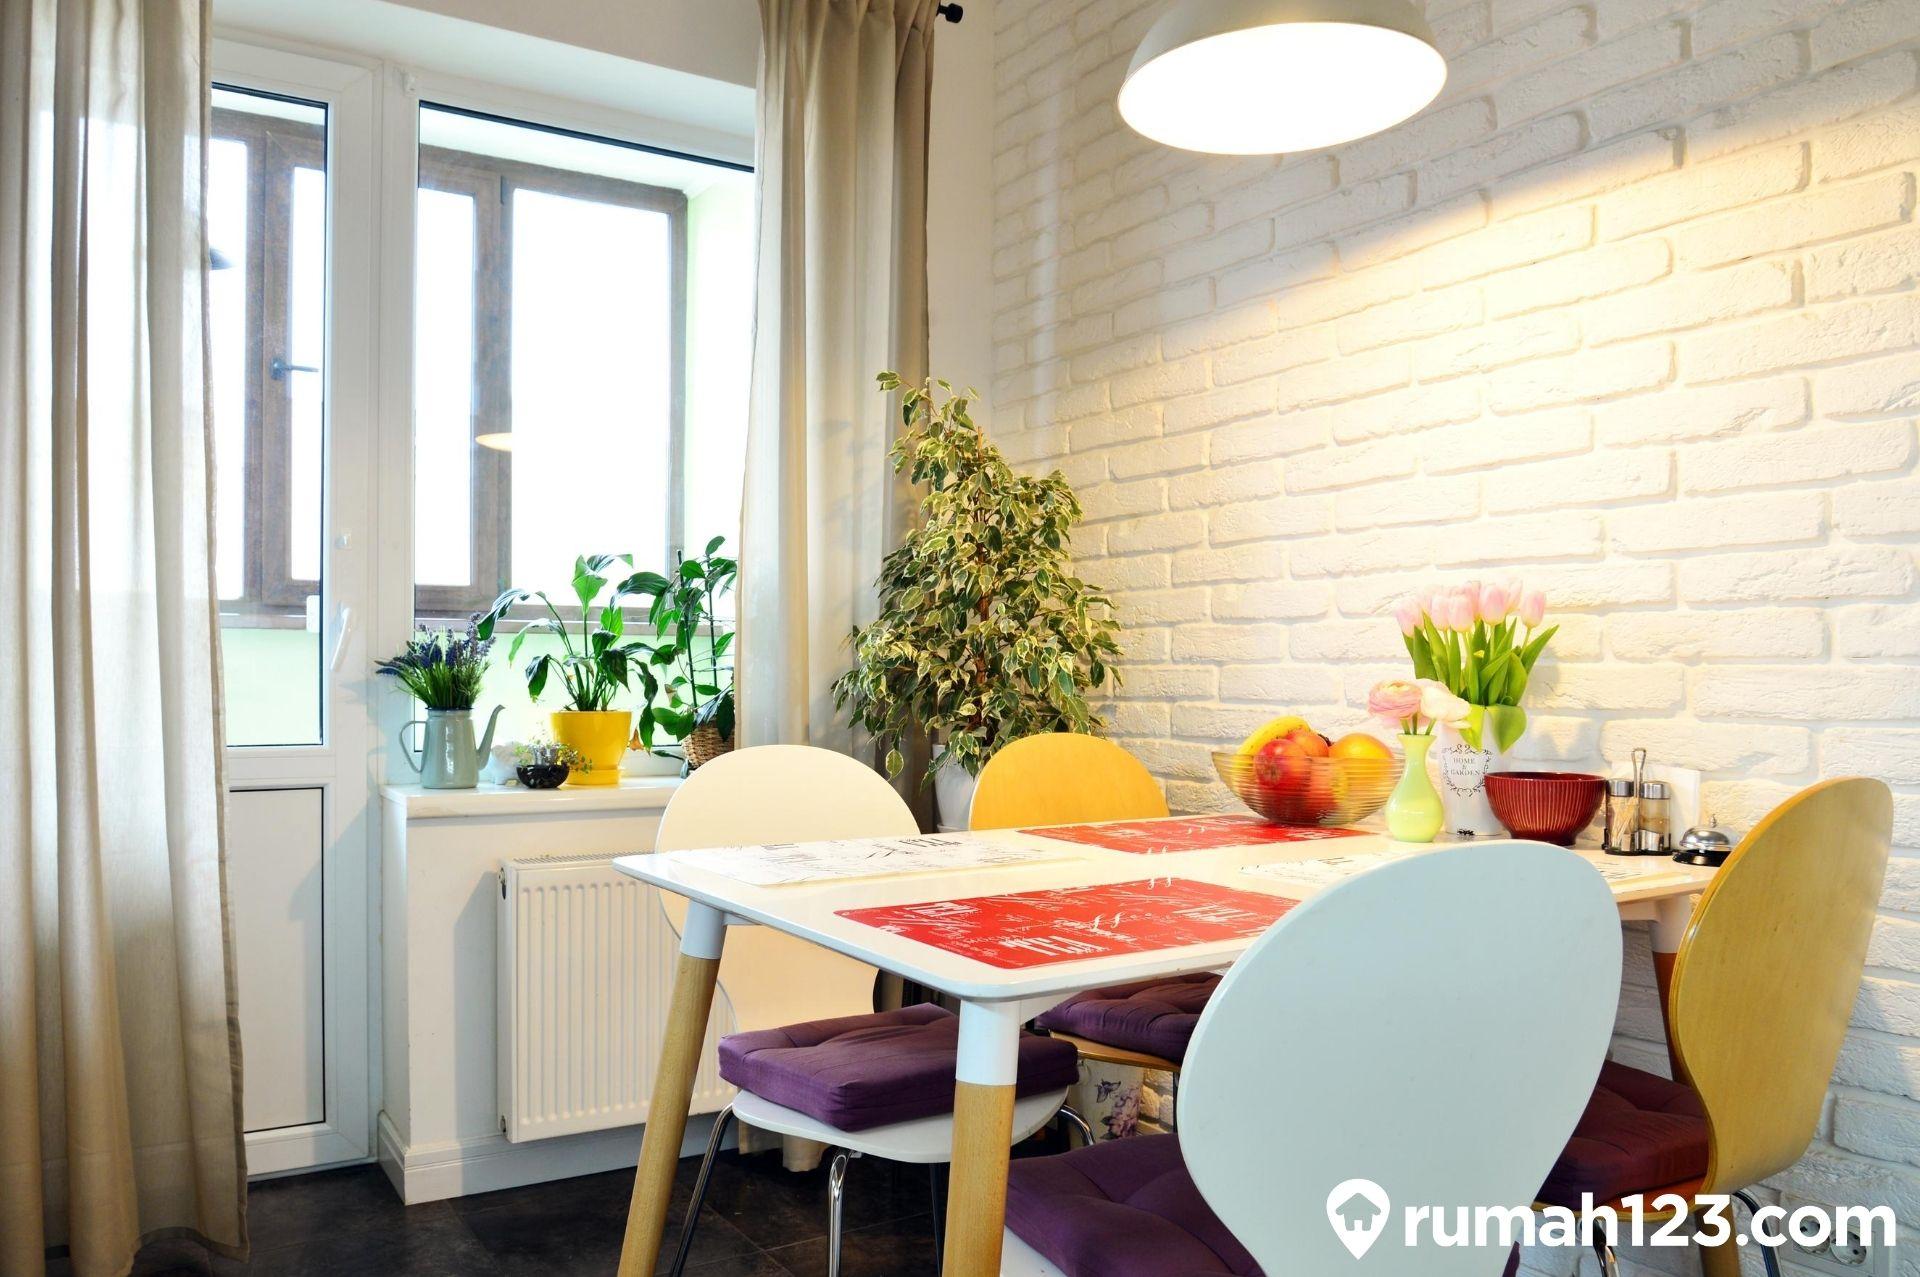 4 Inspirasi Ruang Makan Minimalis. Gak Makan Tempat di Rumah